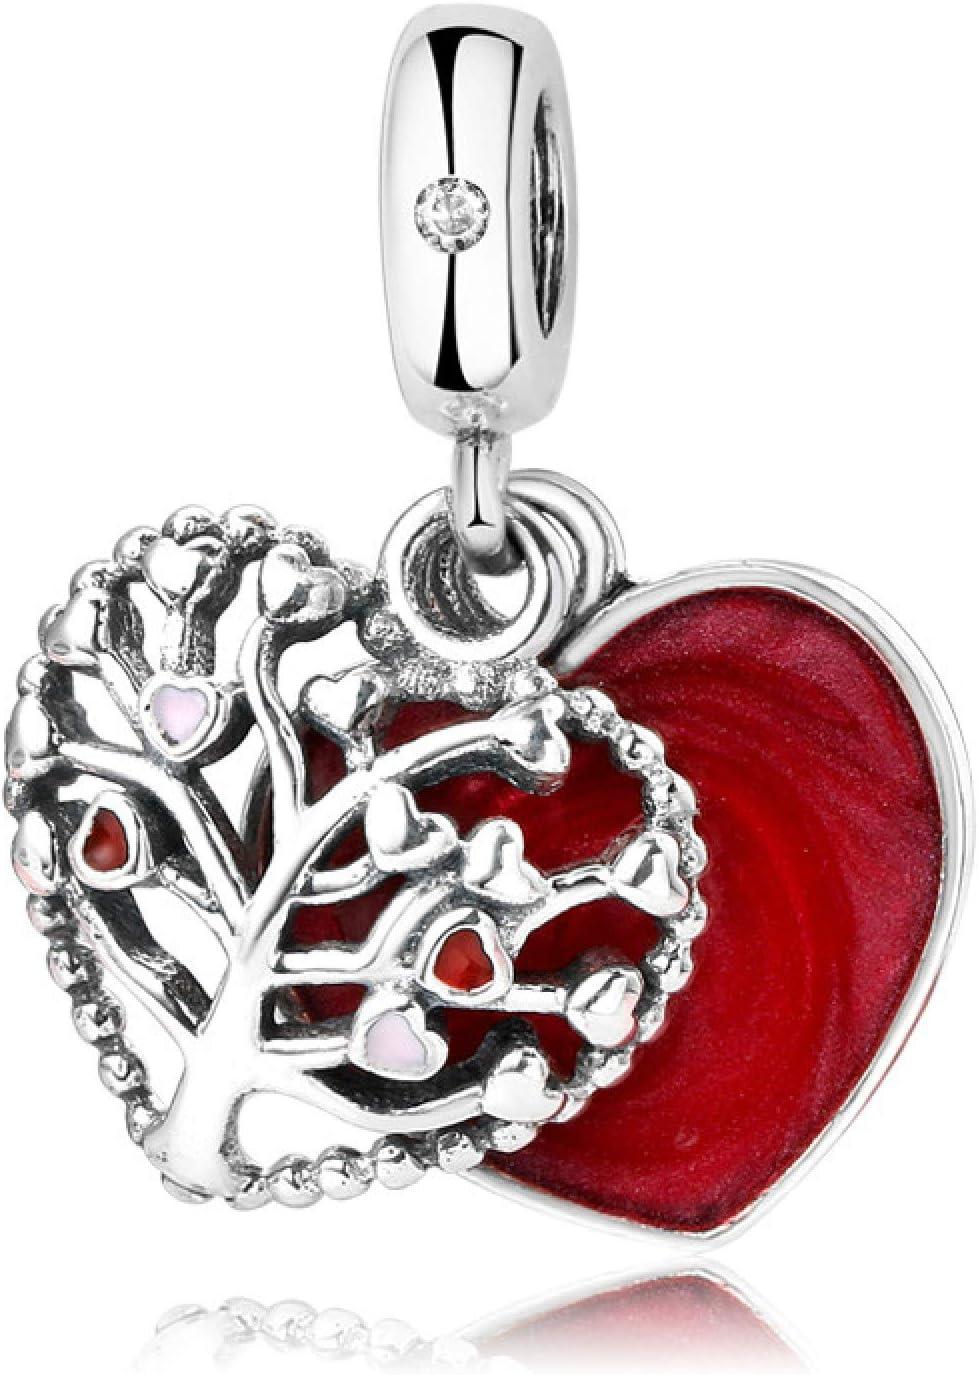 DFHTR Pendentif Perles Argent Sterling 925 Arbre De Vie Pendentif Coeur damour Rouge Adapt/é pour Bracelet /À Breloques Original Bijoux Accessoire F/éminin